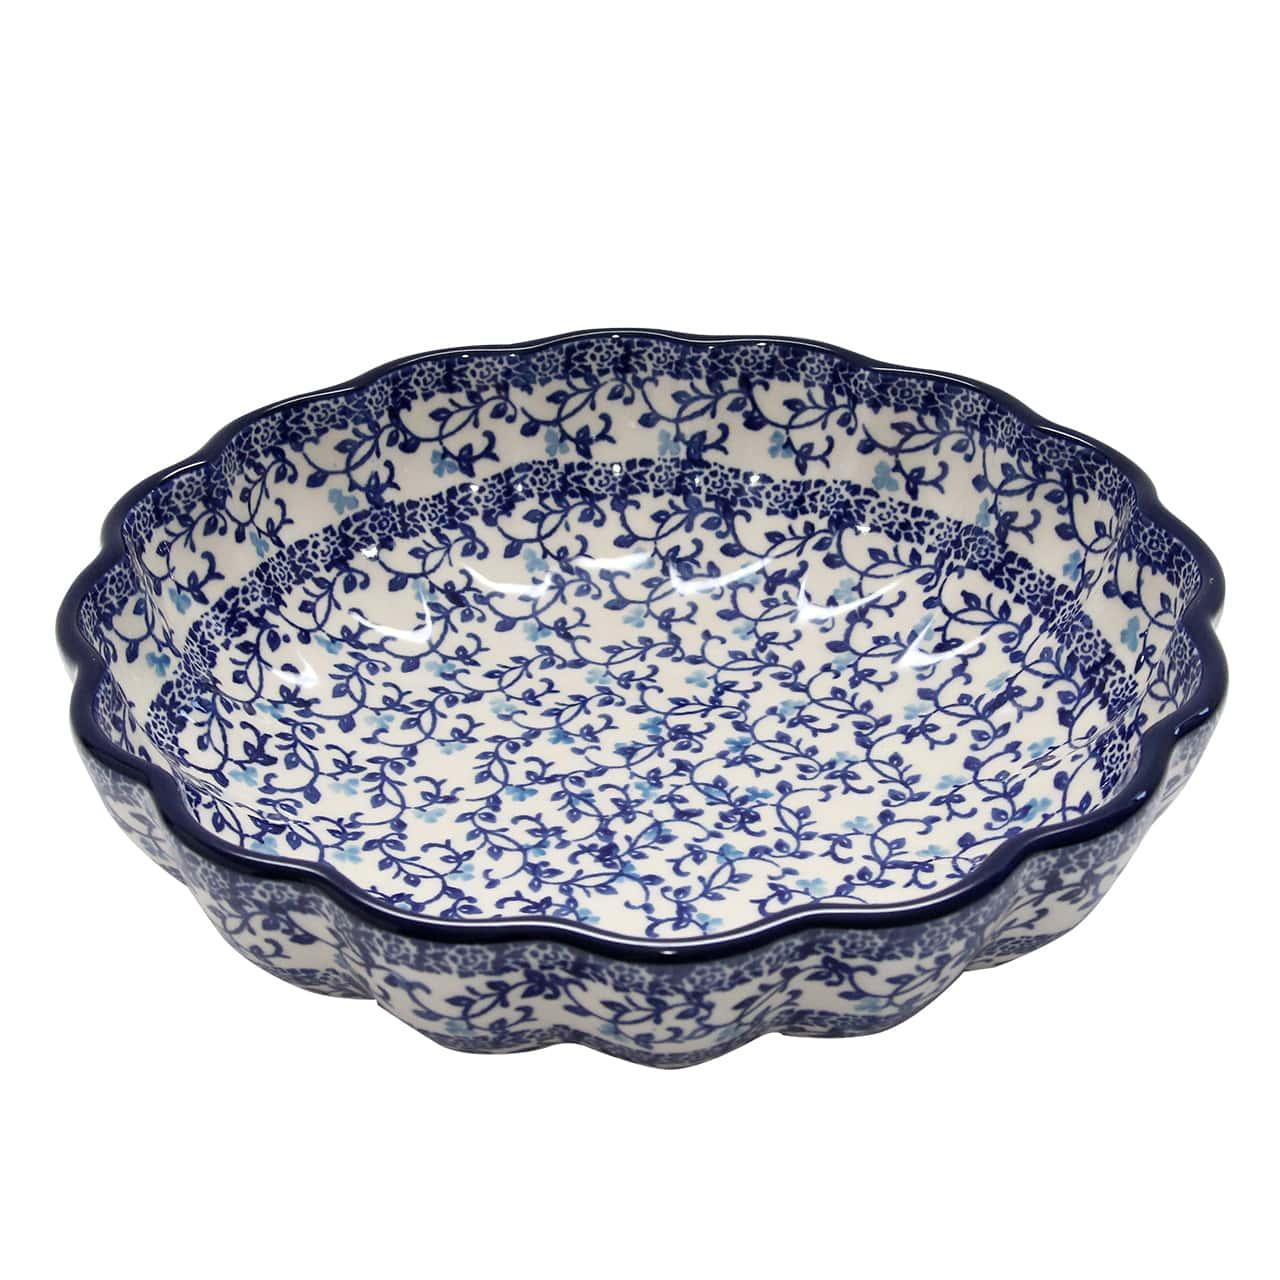 Bol Din Ceramica Cu Flori Albastre 23.5 Cm